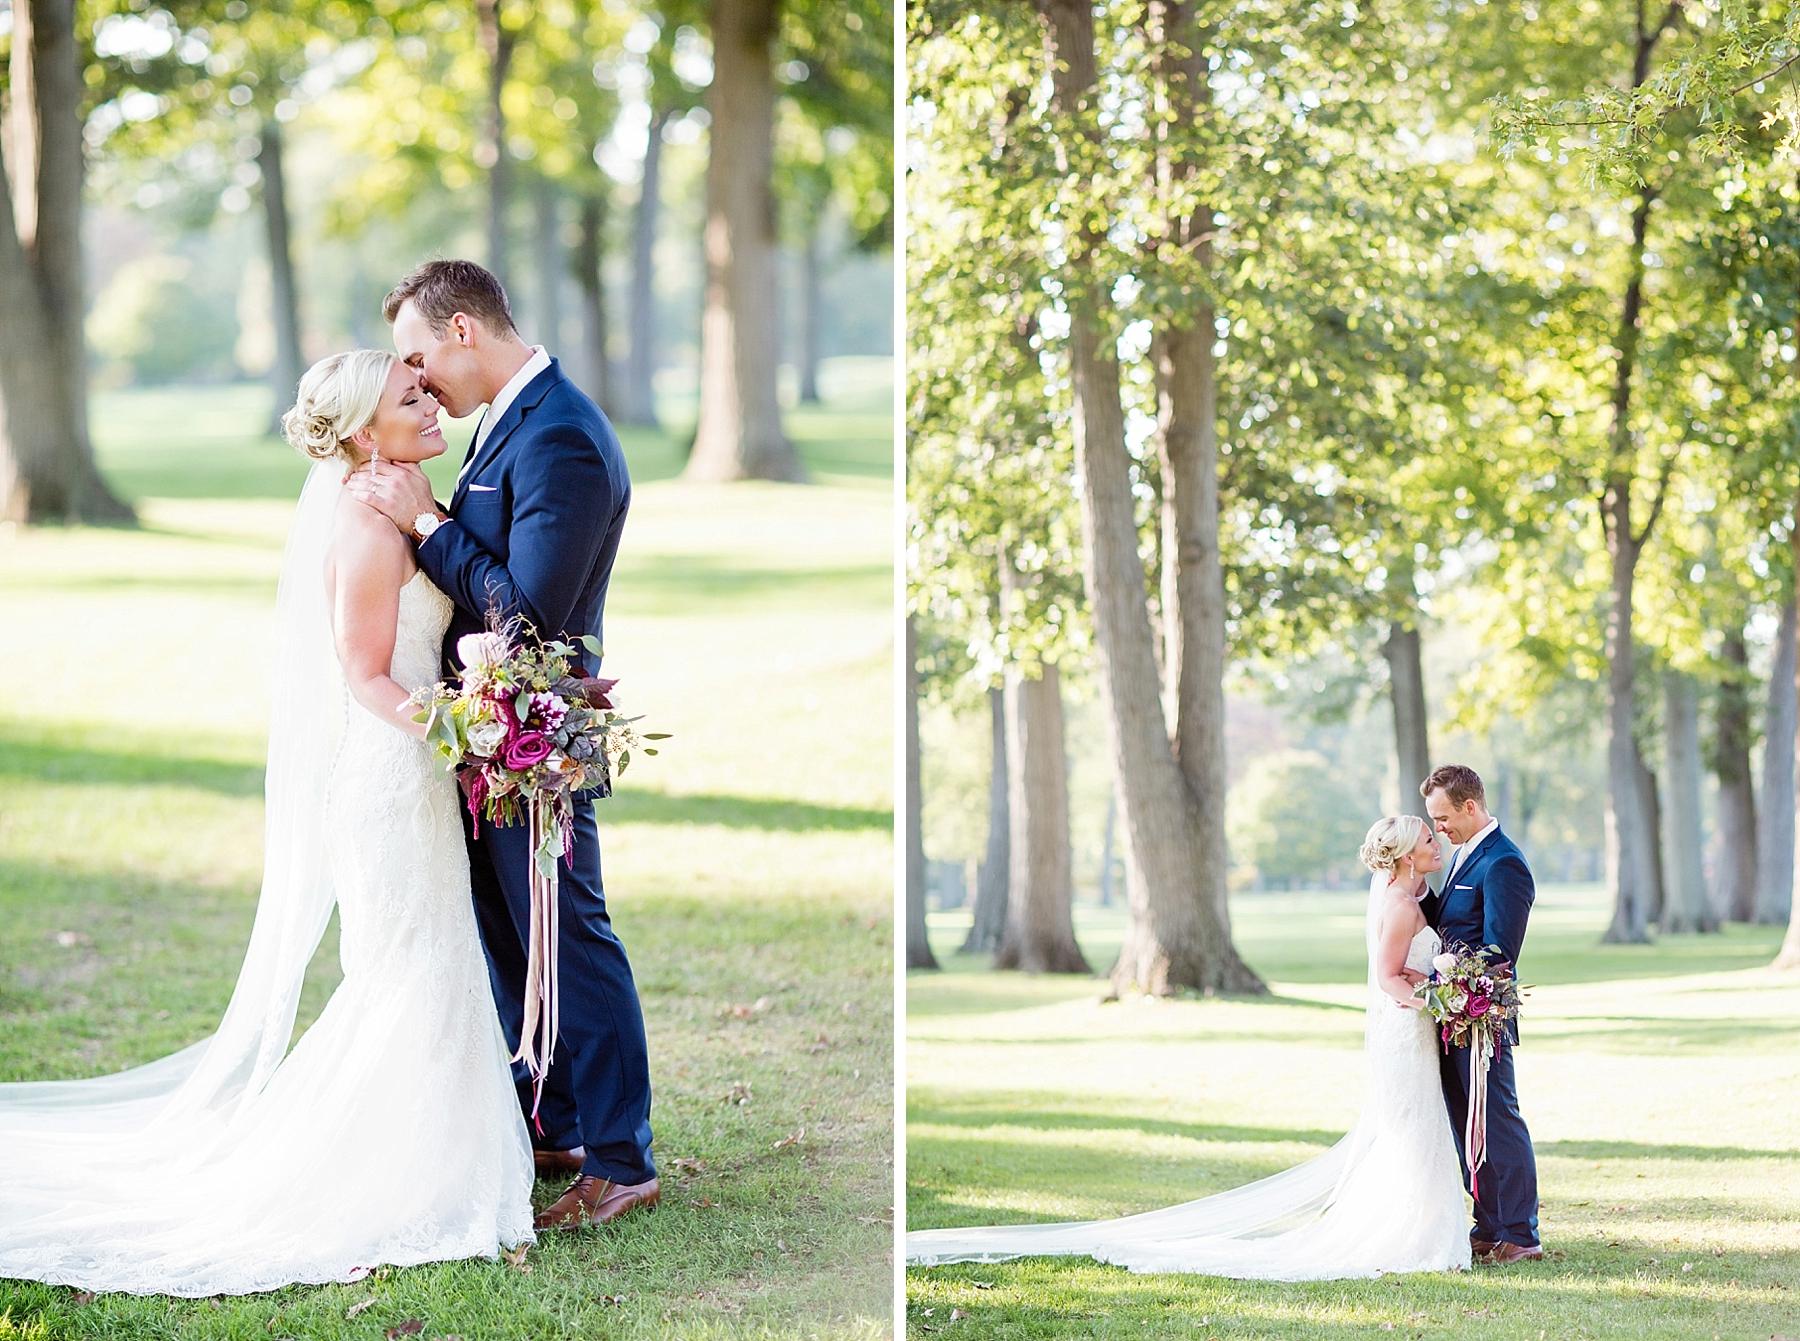 windsor-wedding-photographer-essex-golf-country-club-wedding-eryn-shea-photography_0057.jpg